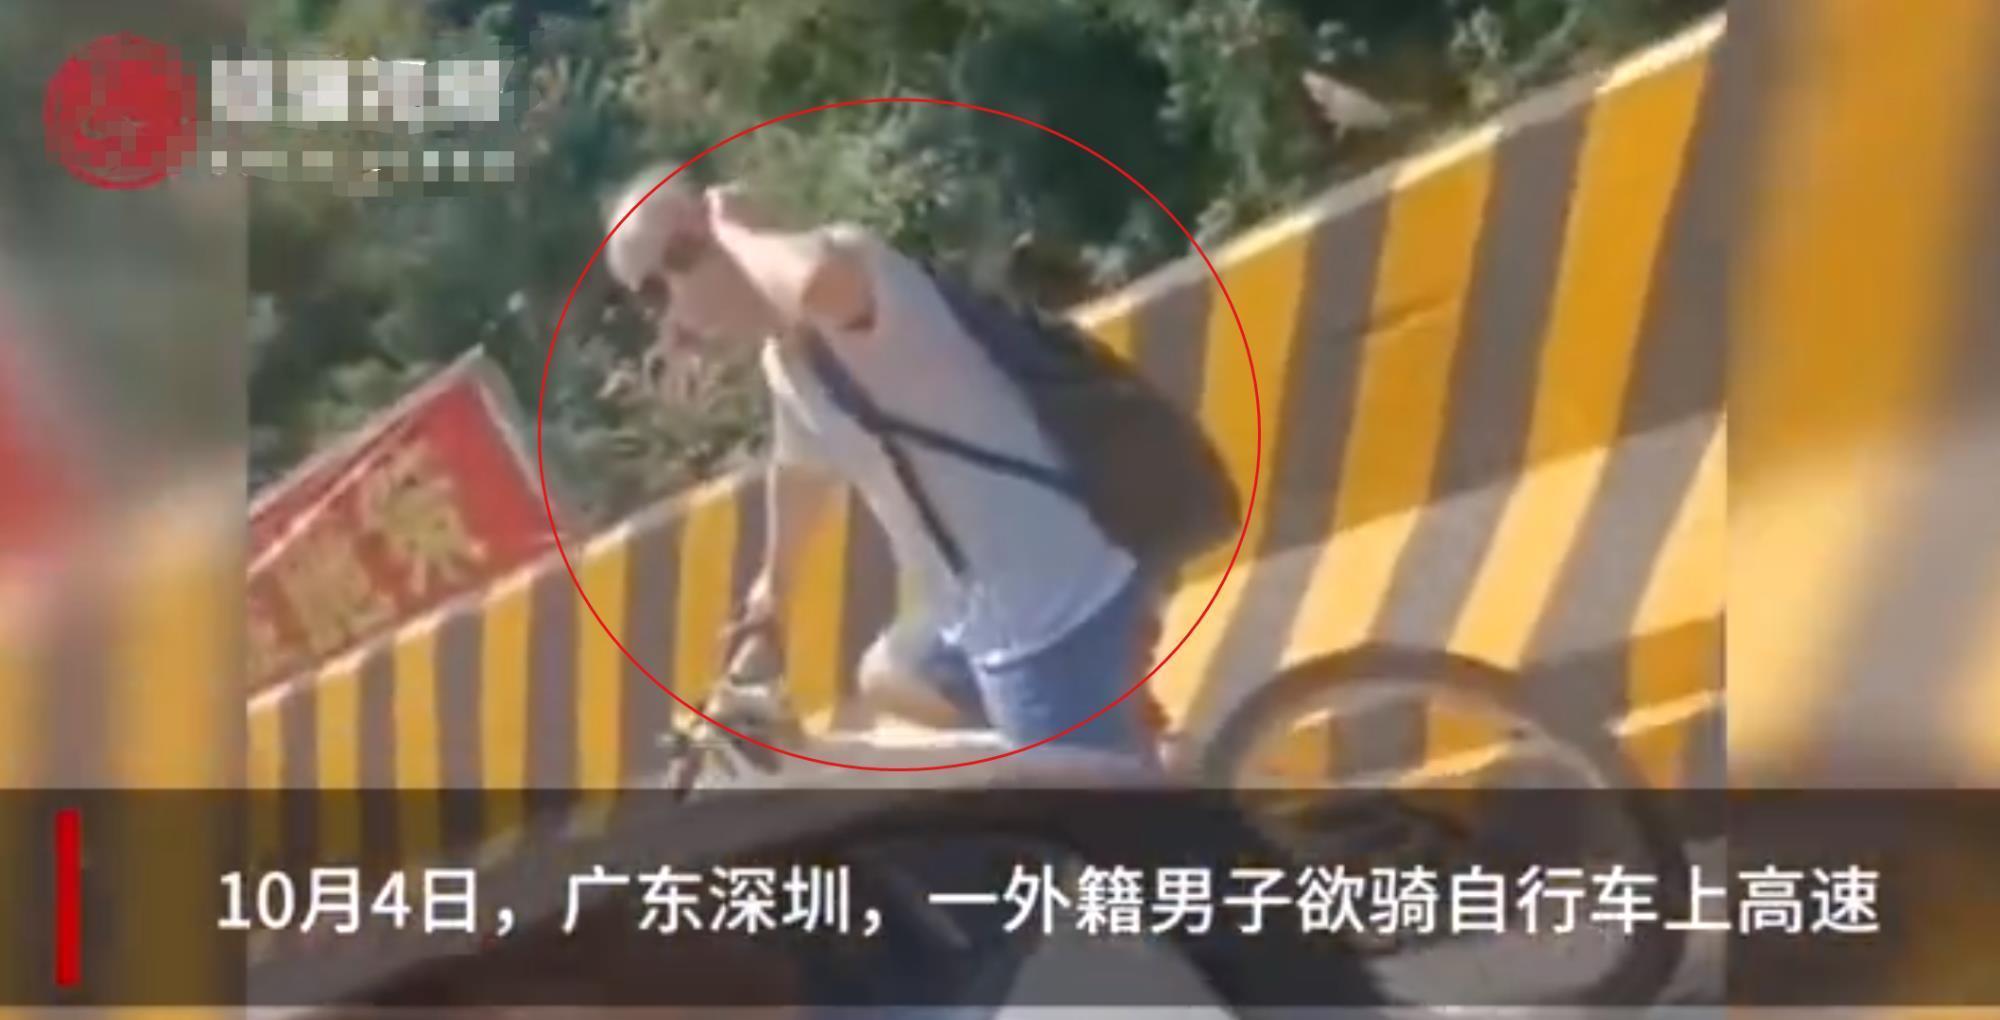 外籍男子欲骑车上高速,过路司机不懂英语,靠一个单词将对方劝返